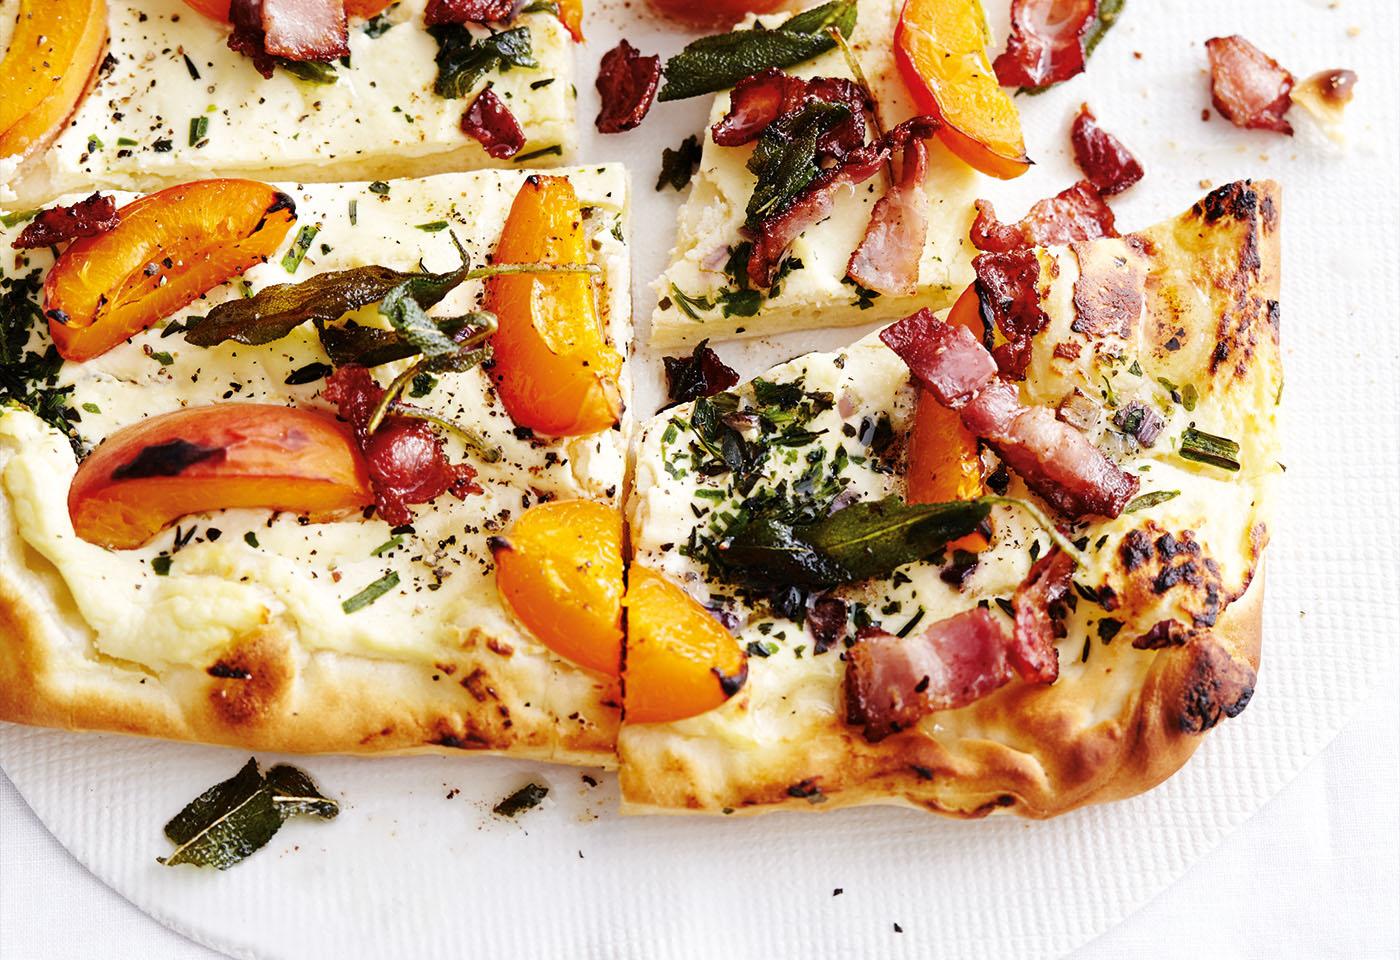 ricotta kr uter pizza mit nektarinen und speck frisch gekocht. Black Bedroom Furniture Sets. Home Design Ideas